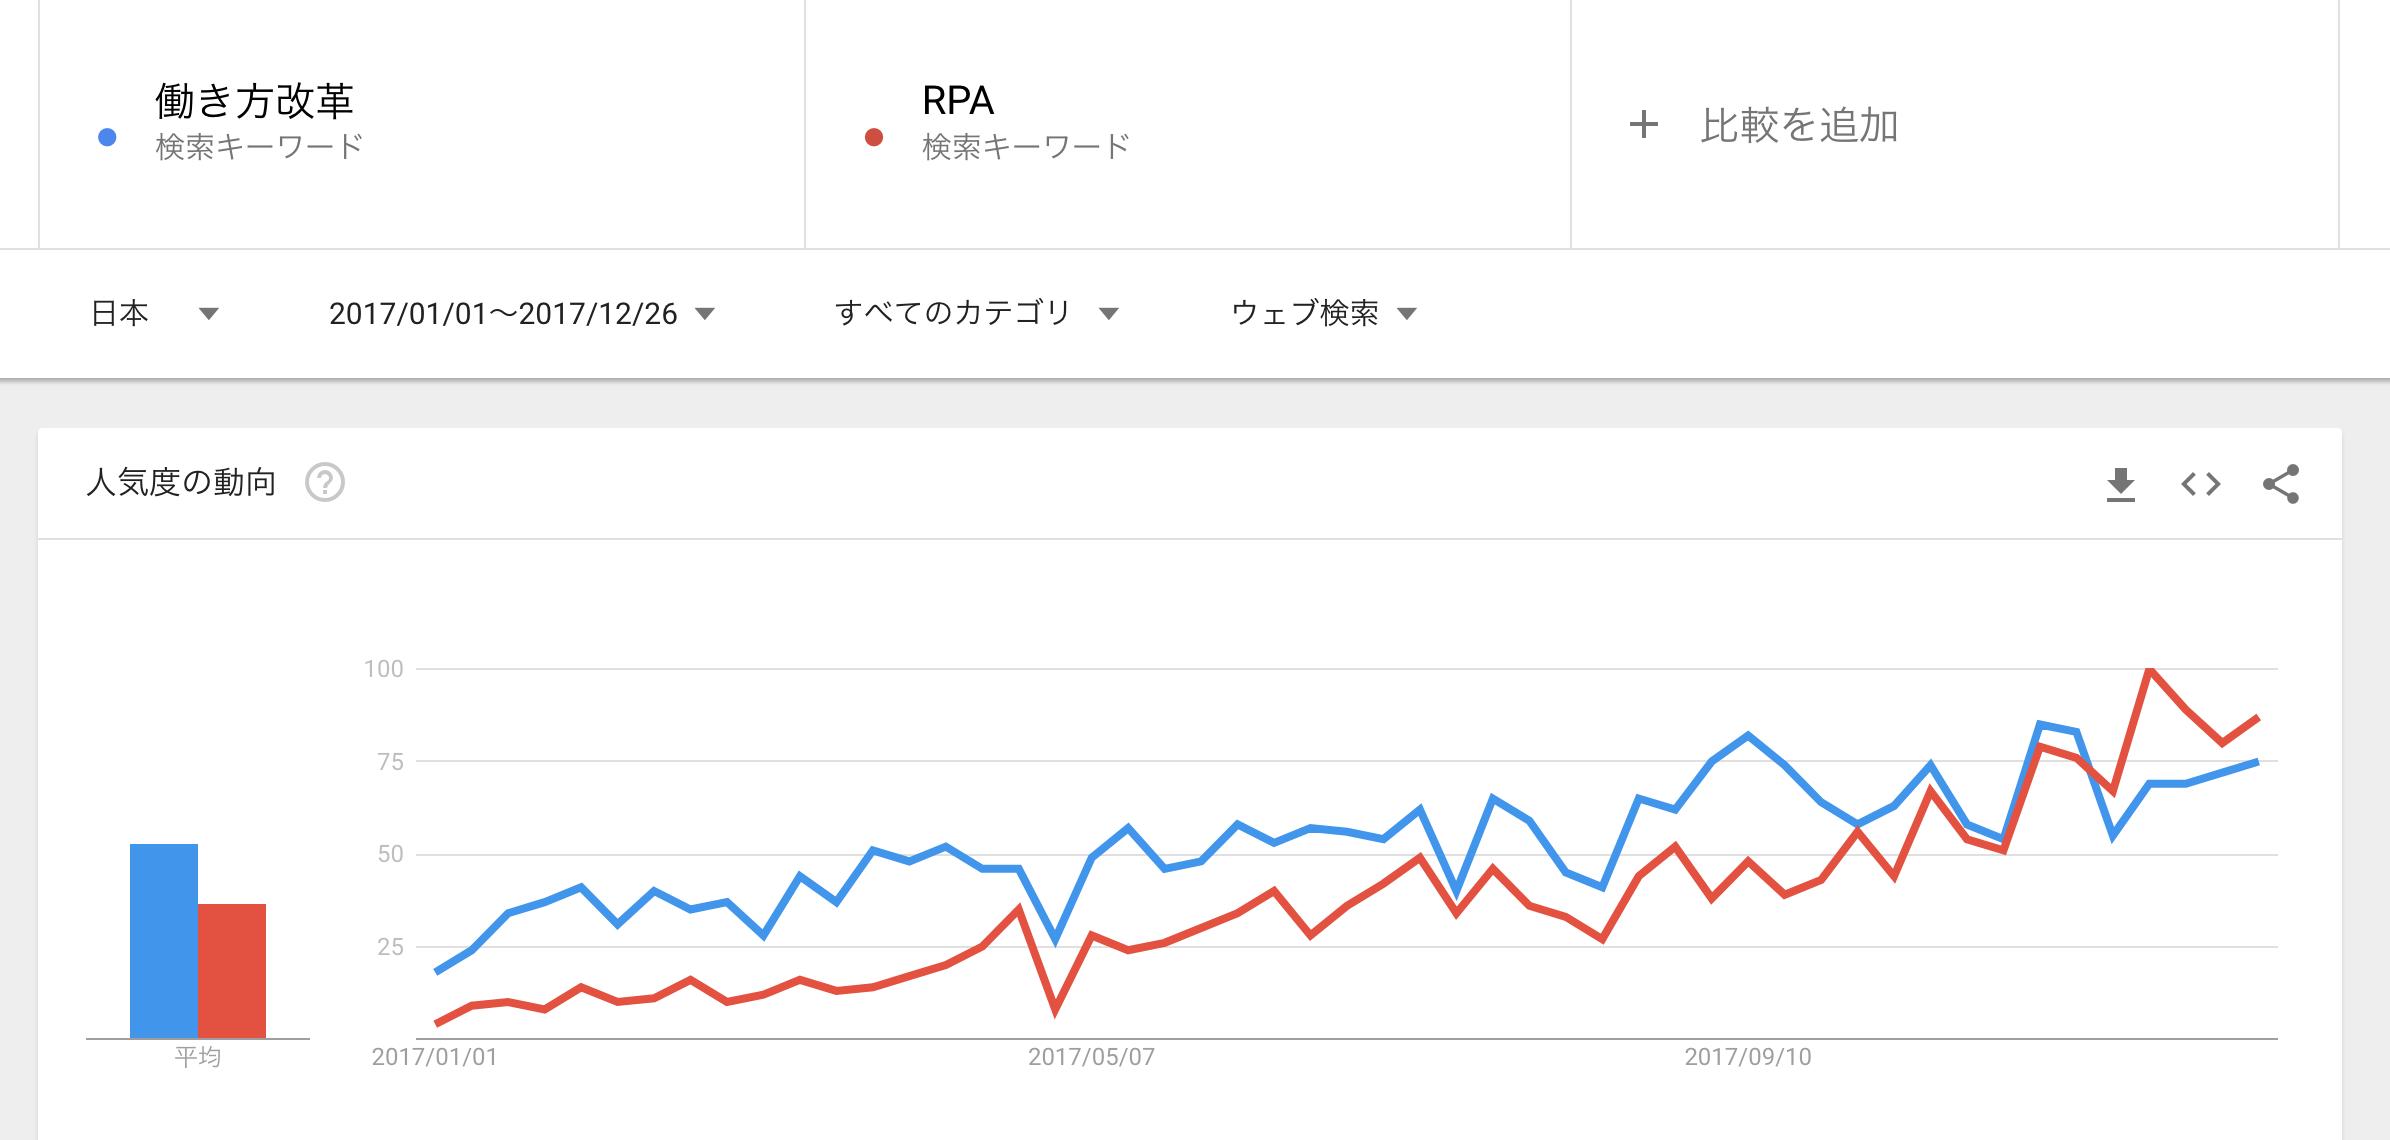 2017年1月〜12月26日現在、Googleトレンドで「働き方改革」と「RPA(Robotic Process Automation)」の検索数推移を調べたもの